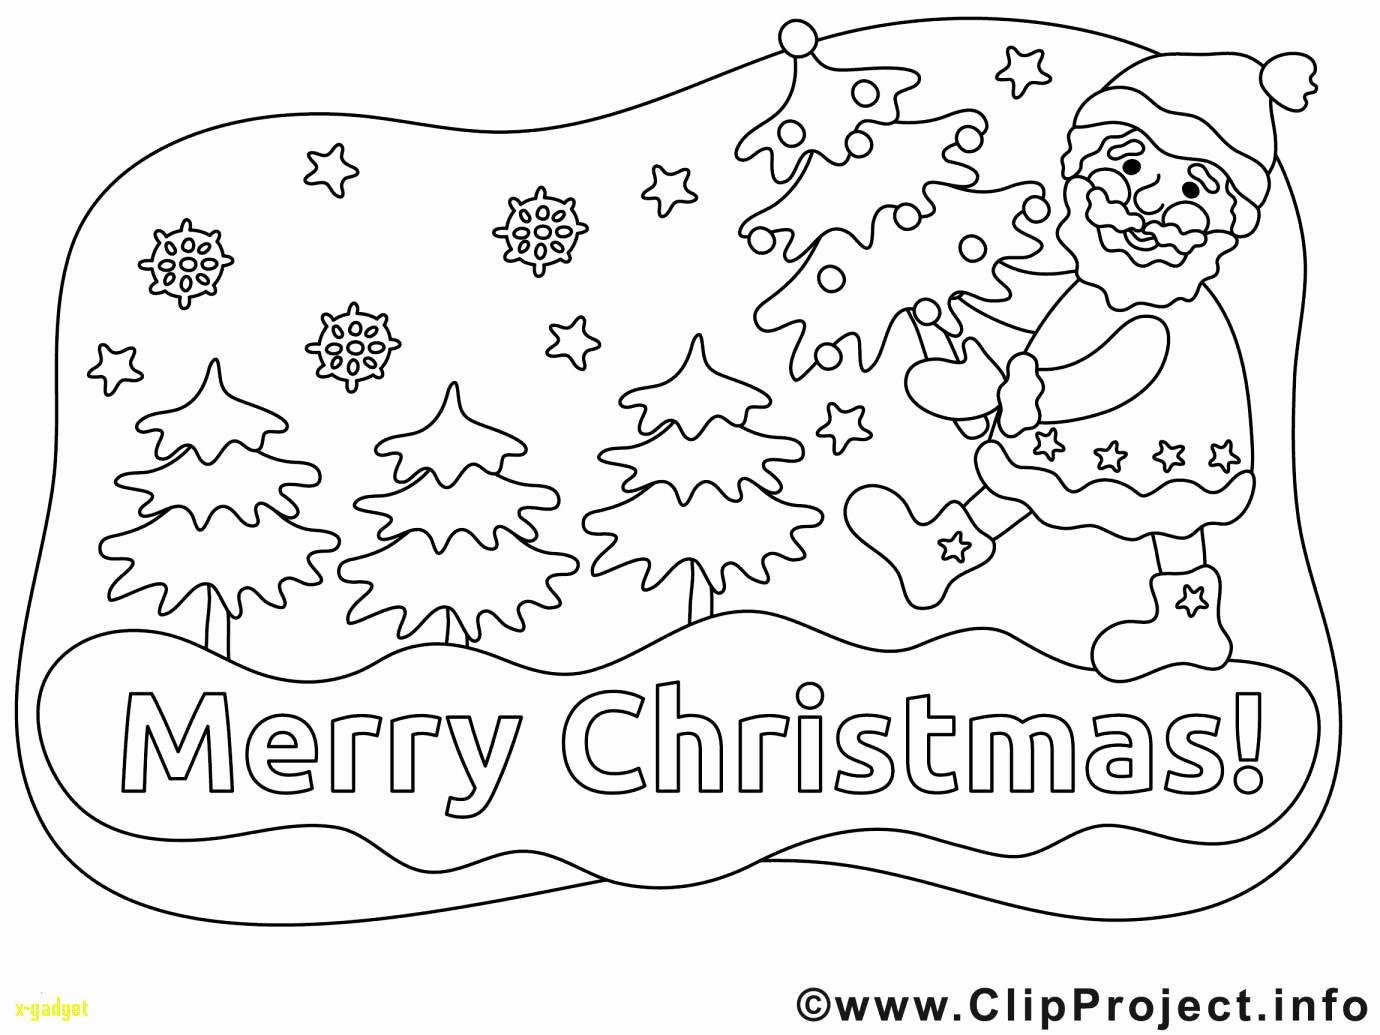 Ausmalbilder Weihnachten Eule Inspirierend Ausmalbilder Eulen Kostenlos Ausdrucken Beispiele Eule Mehr Bilder